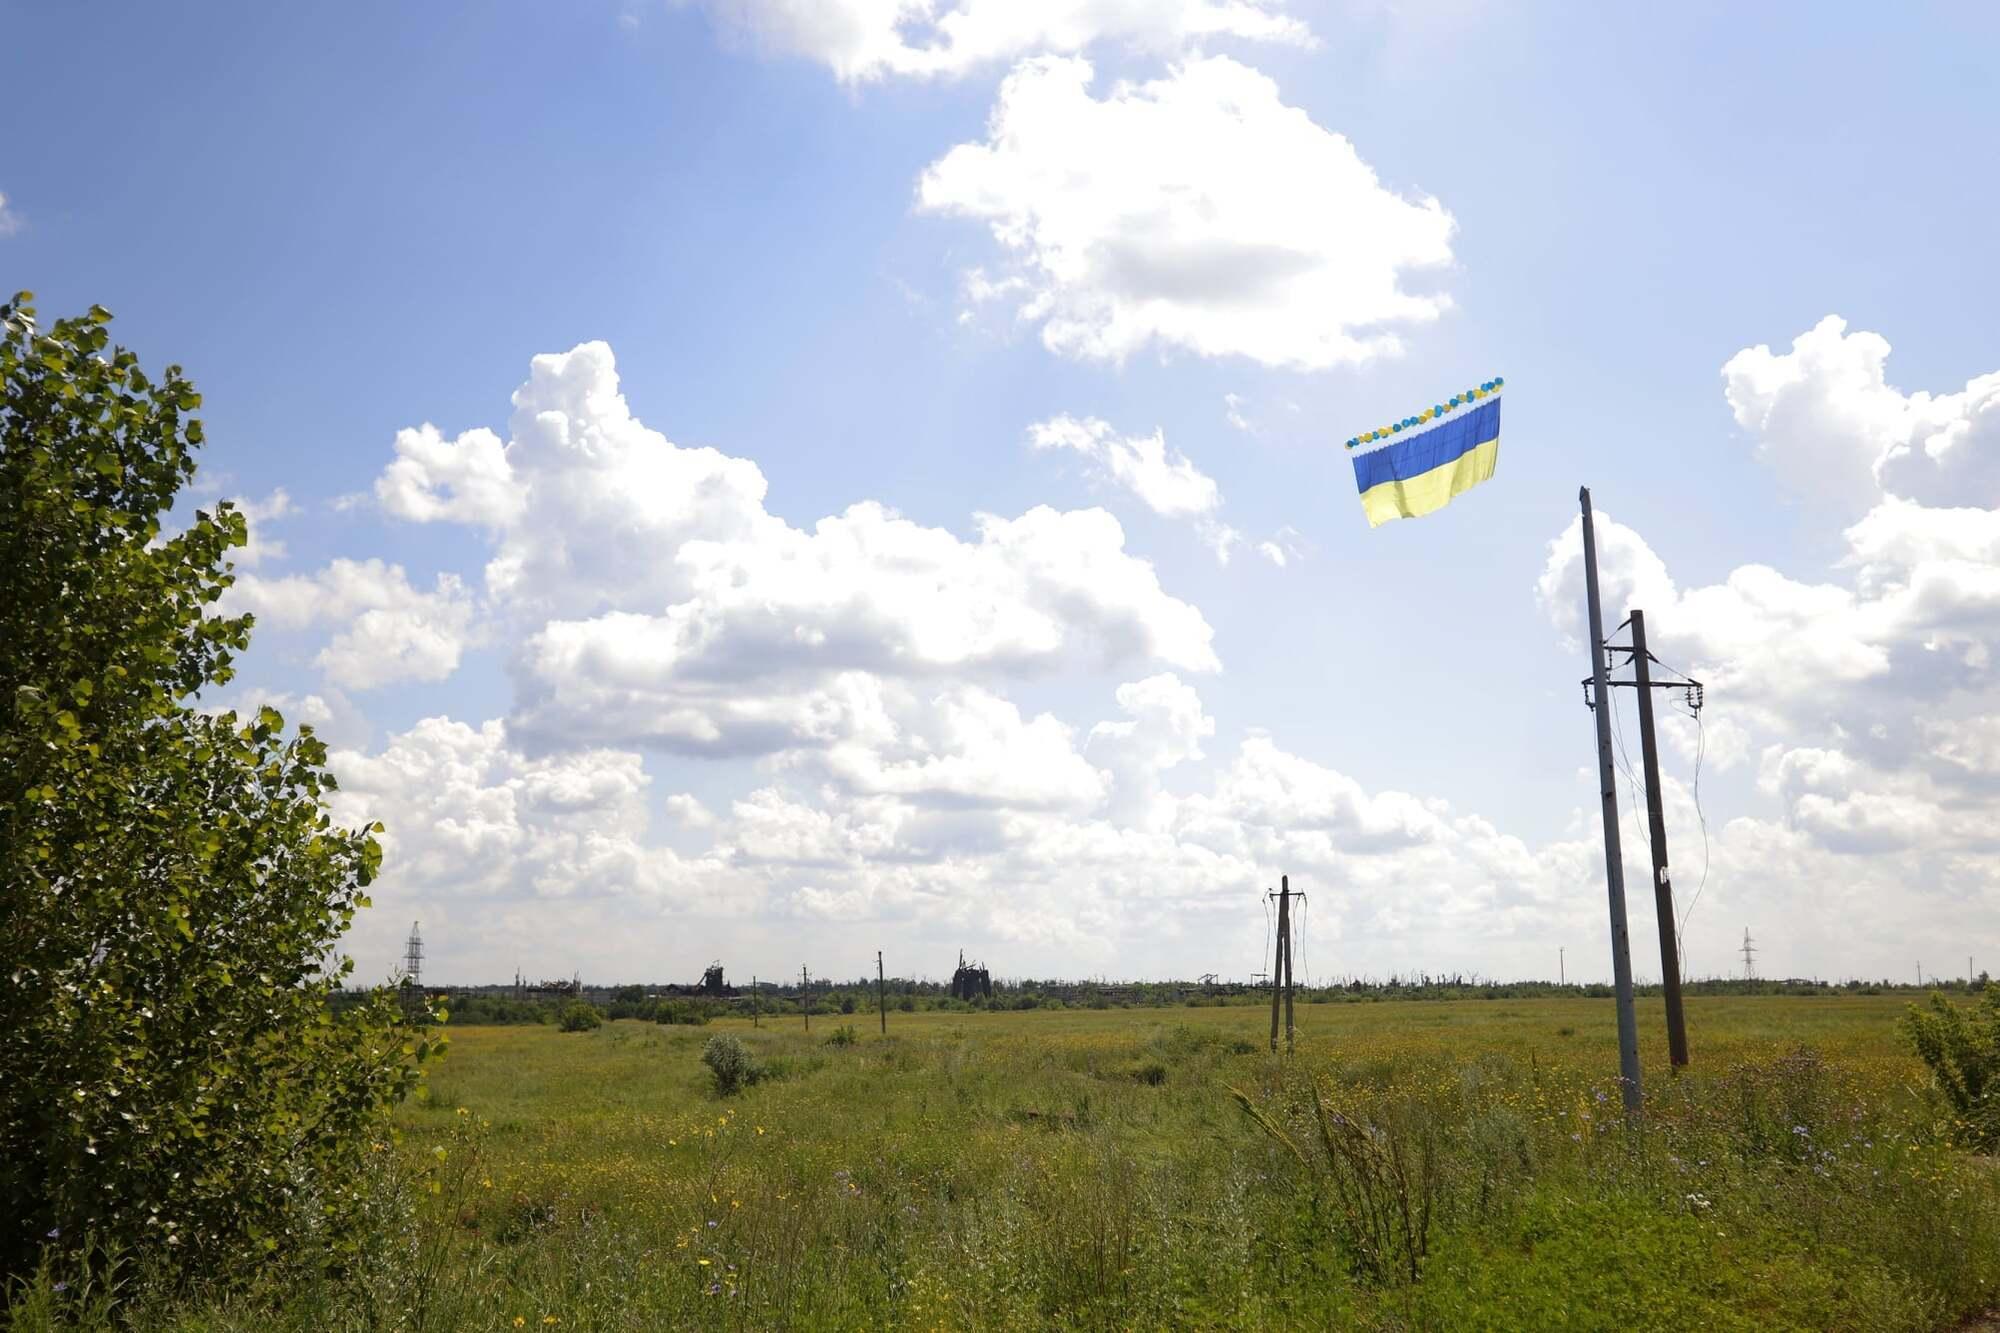 Прапор є нагадуванням місцевому населенню, що про них пам'ятають